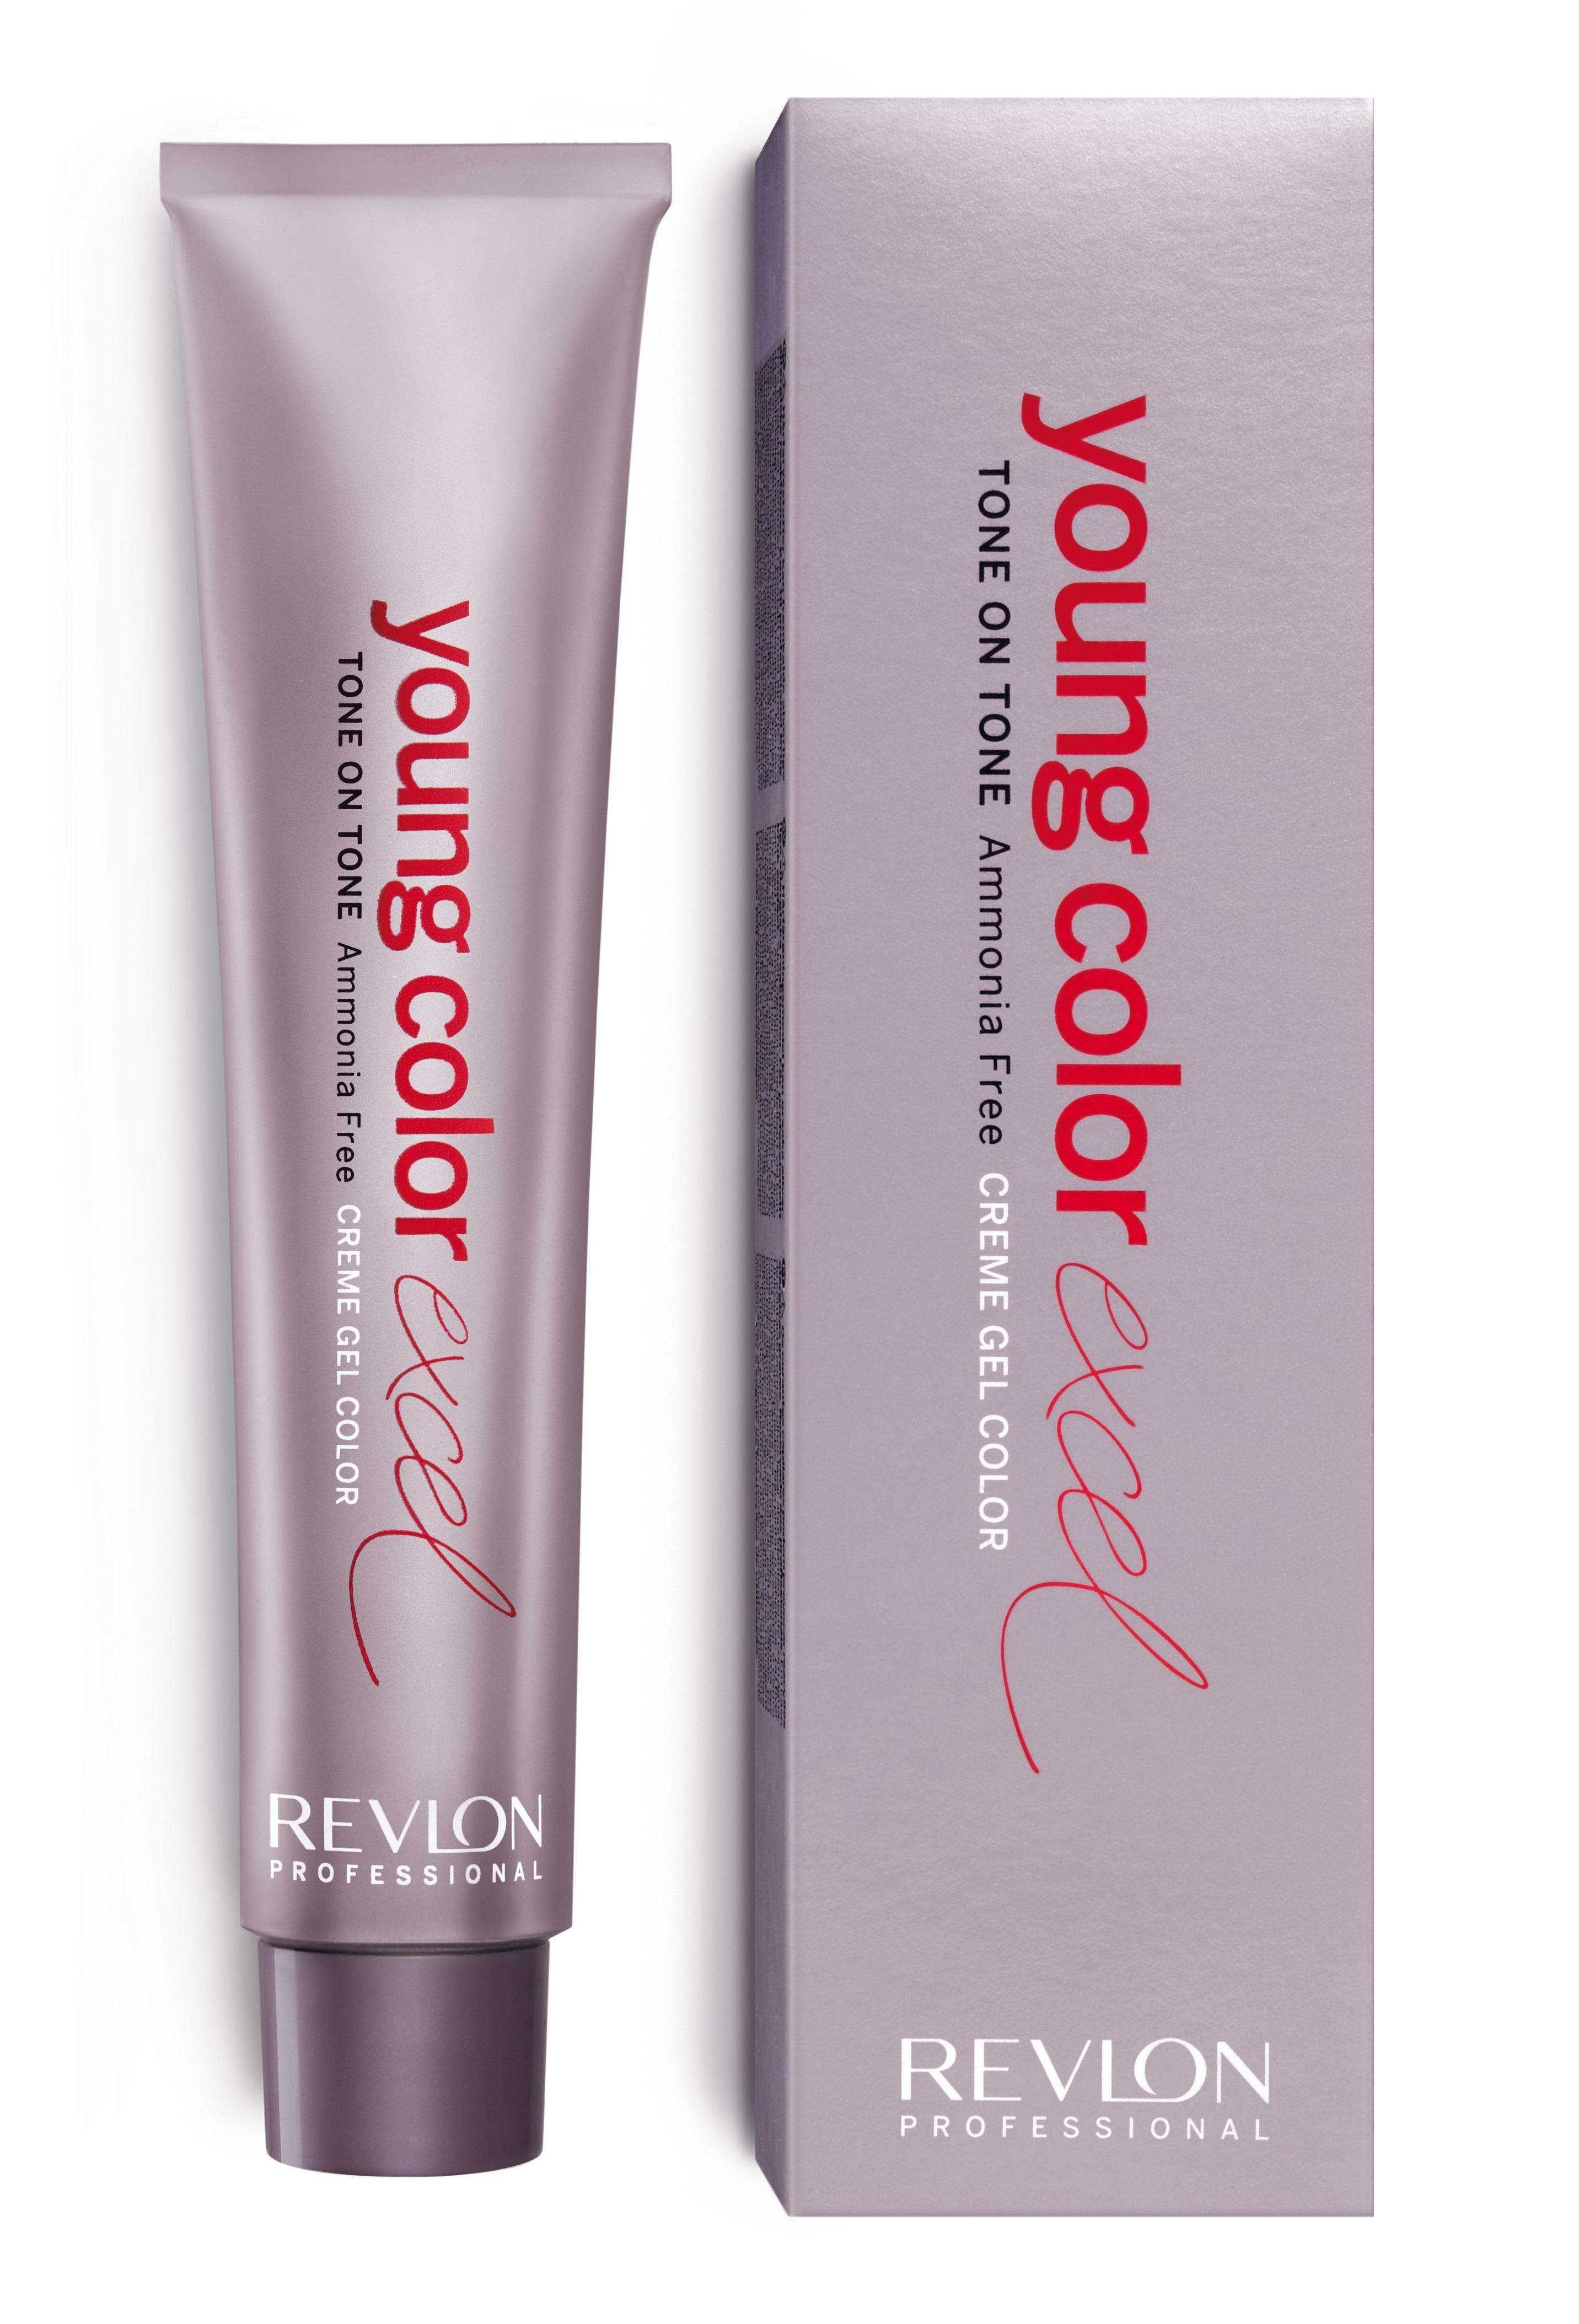 REVLON PROFESSIONAL 7-1 крем-гель полуперманентный, блондин гавана / YOUNG COLOR EXCEL 70 мл фото